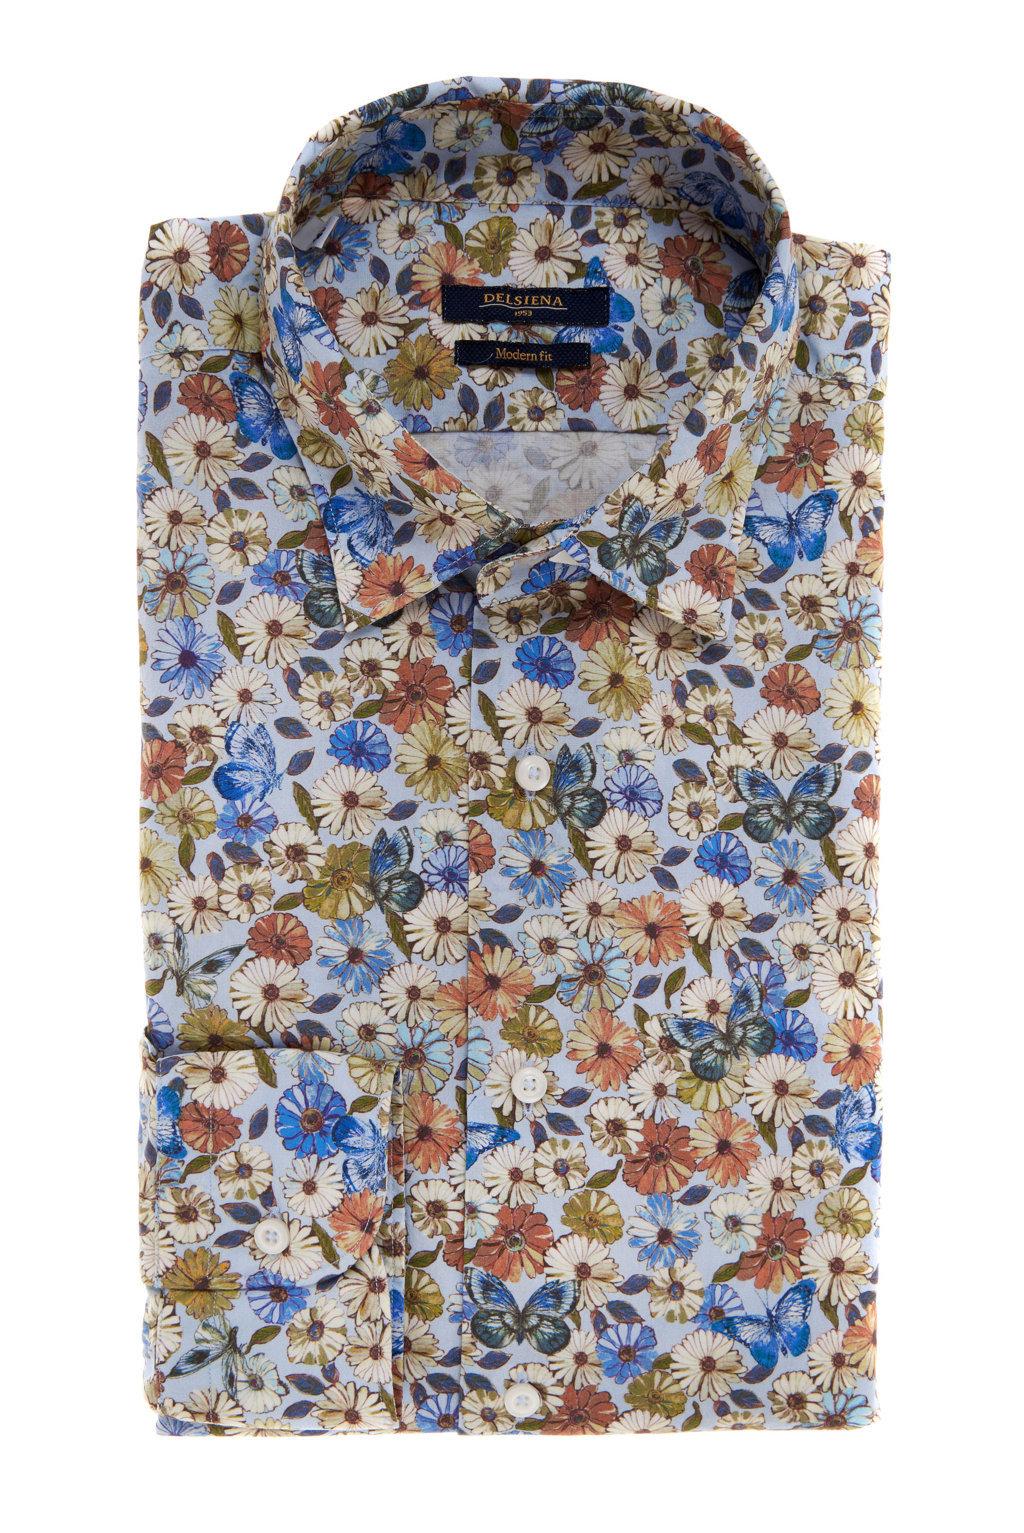 Camicia Delsiena a fiori collezione primavera estate 2017